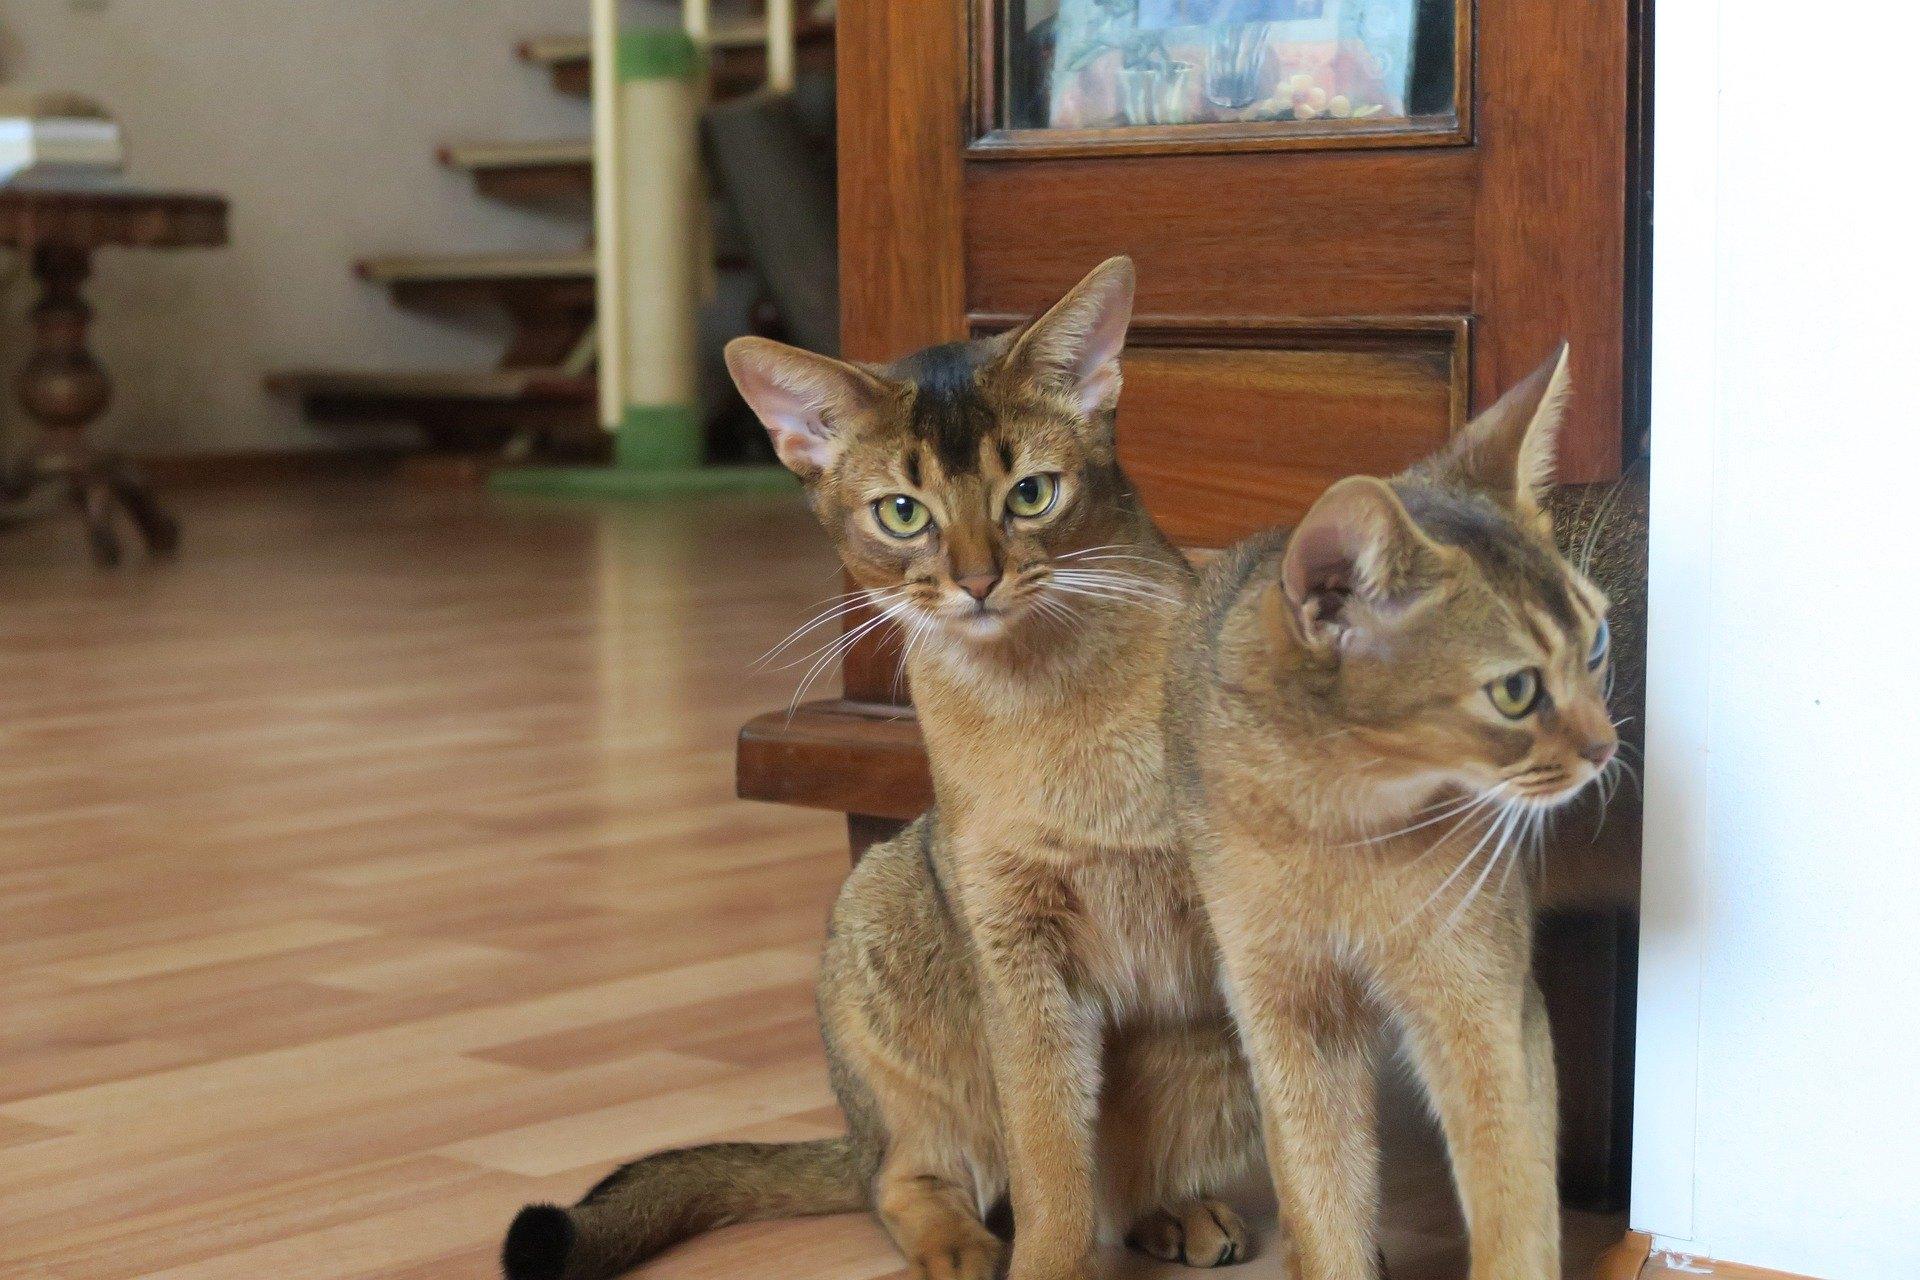 Abesínske mačky sú spoločenské a vyžadujú si veľkú pozornosť. Na to sa nesmie zabúdať pri výbere štvornohého priateľa.